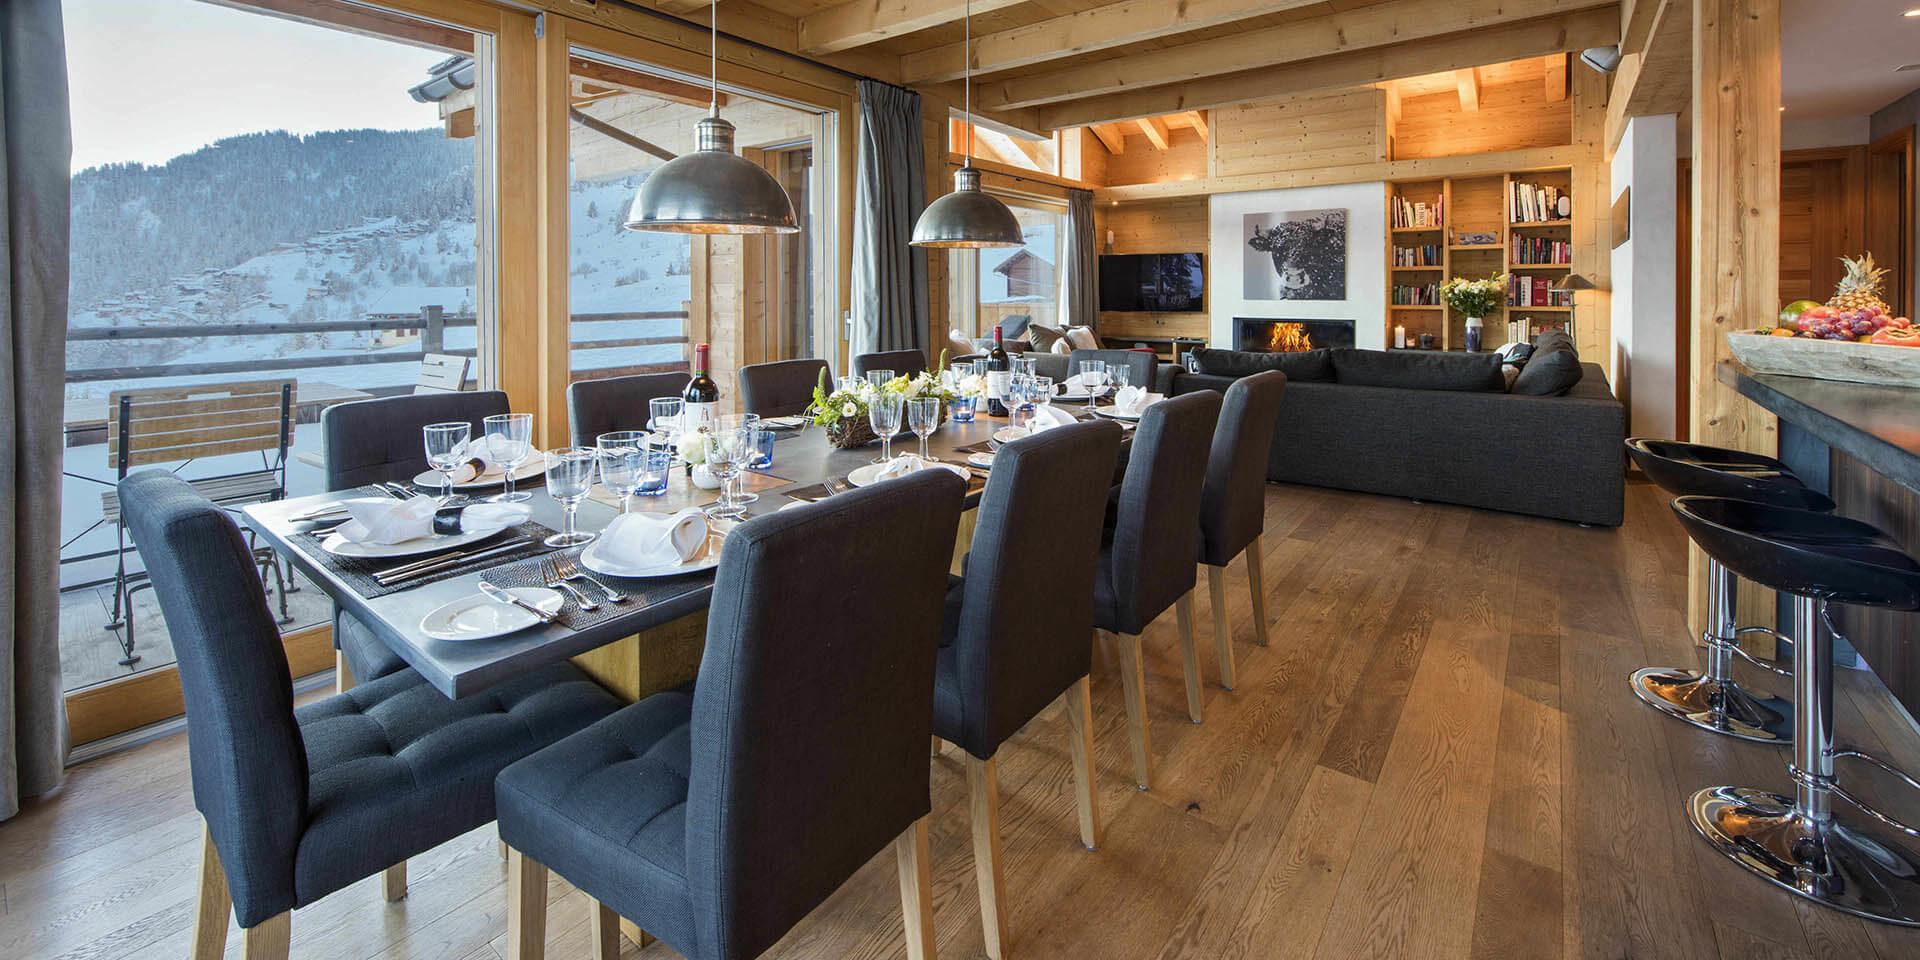 Chalet Rock Verbier Les 4 Vallees Zwitserland wintersport skivakantie luxe eetkamer gedekte tafel wijn wijnglazen lampen barkrukken fruit bank open haard grote ramen balkon uitzicht sneeuw bergen